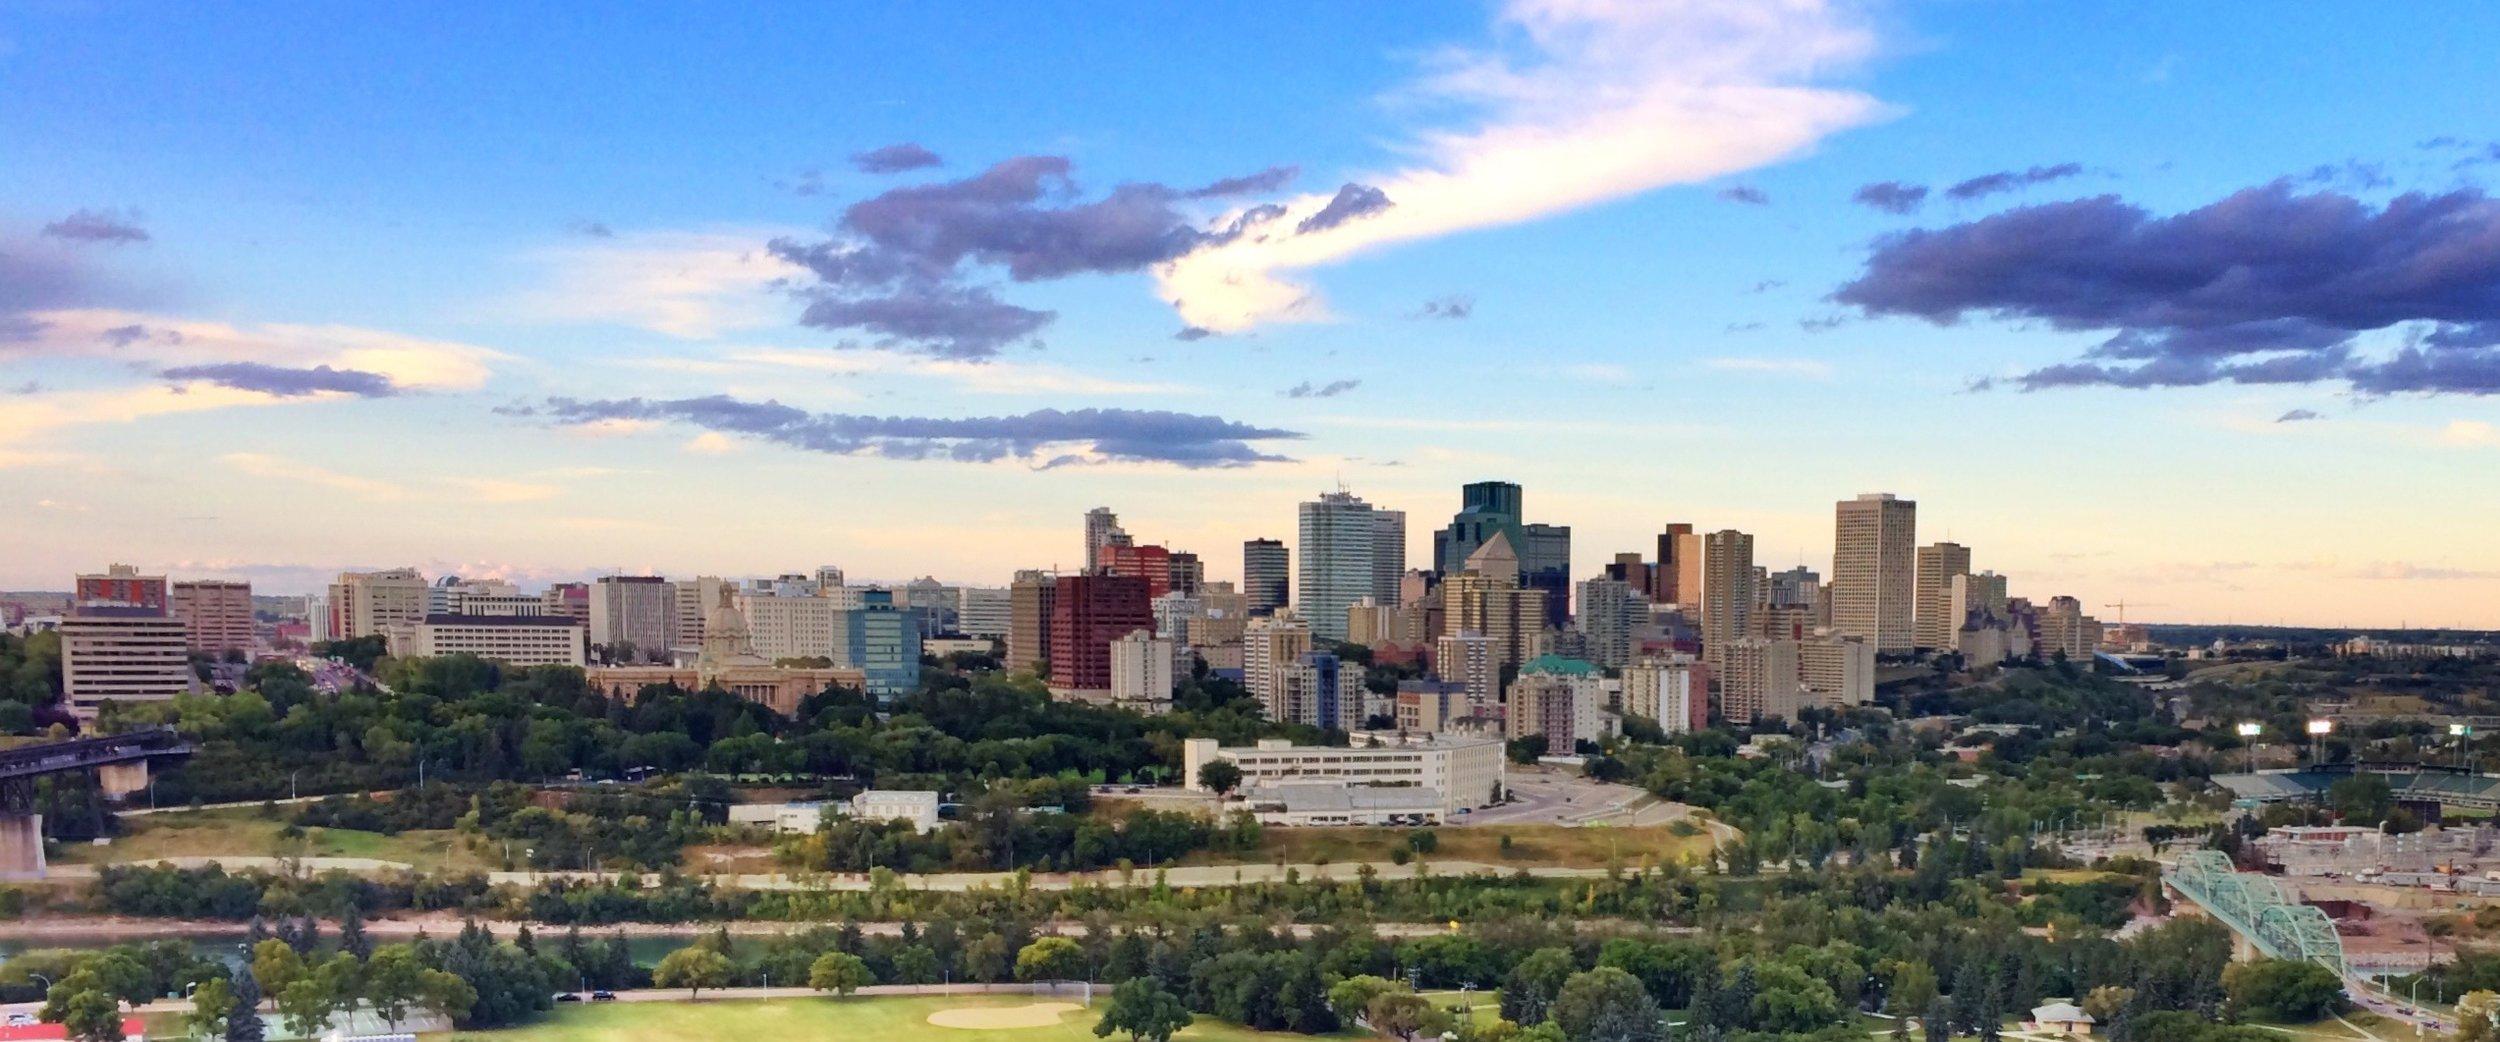 Edmonton, Canada - Skyline Daytime